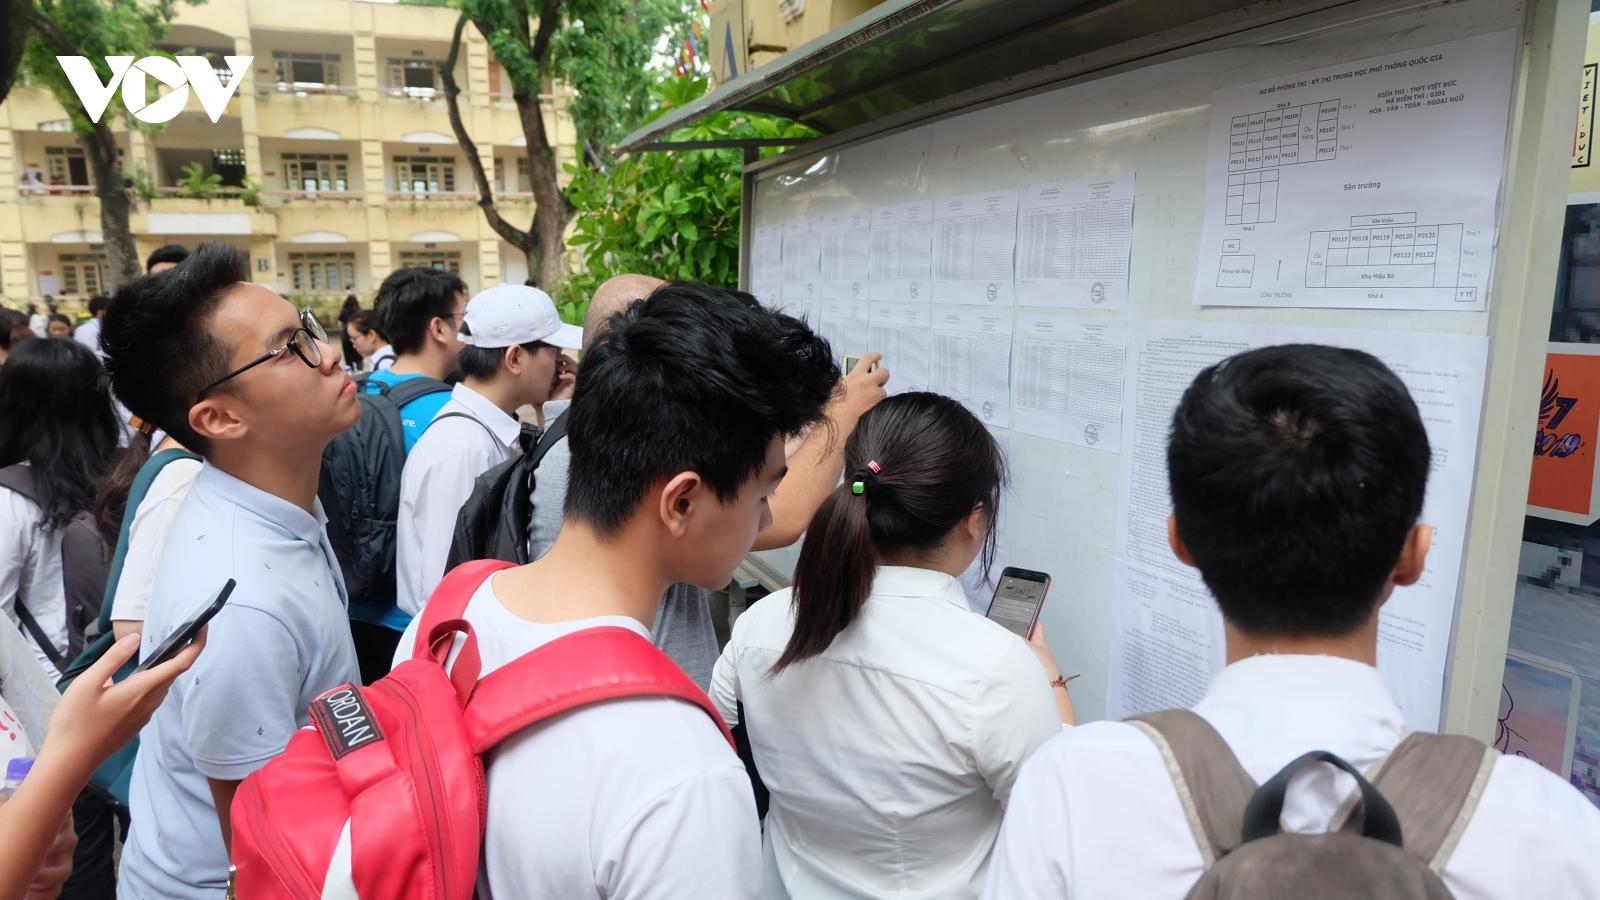 Dịch Covid-19 phức tạp, kỳ thi vào lớp 10 ở Hà Nội sẽ có mấy môn?